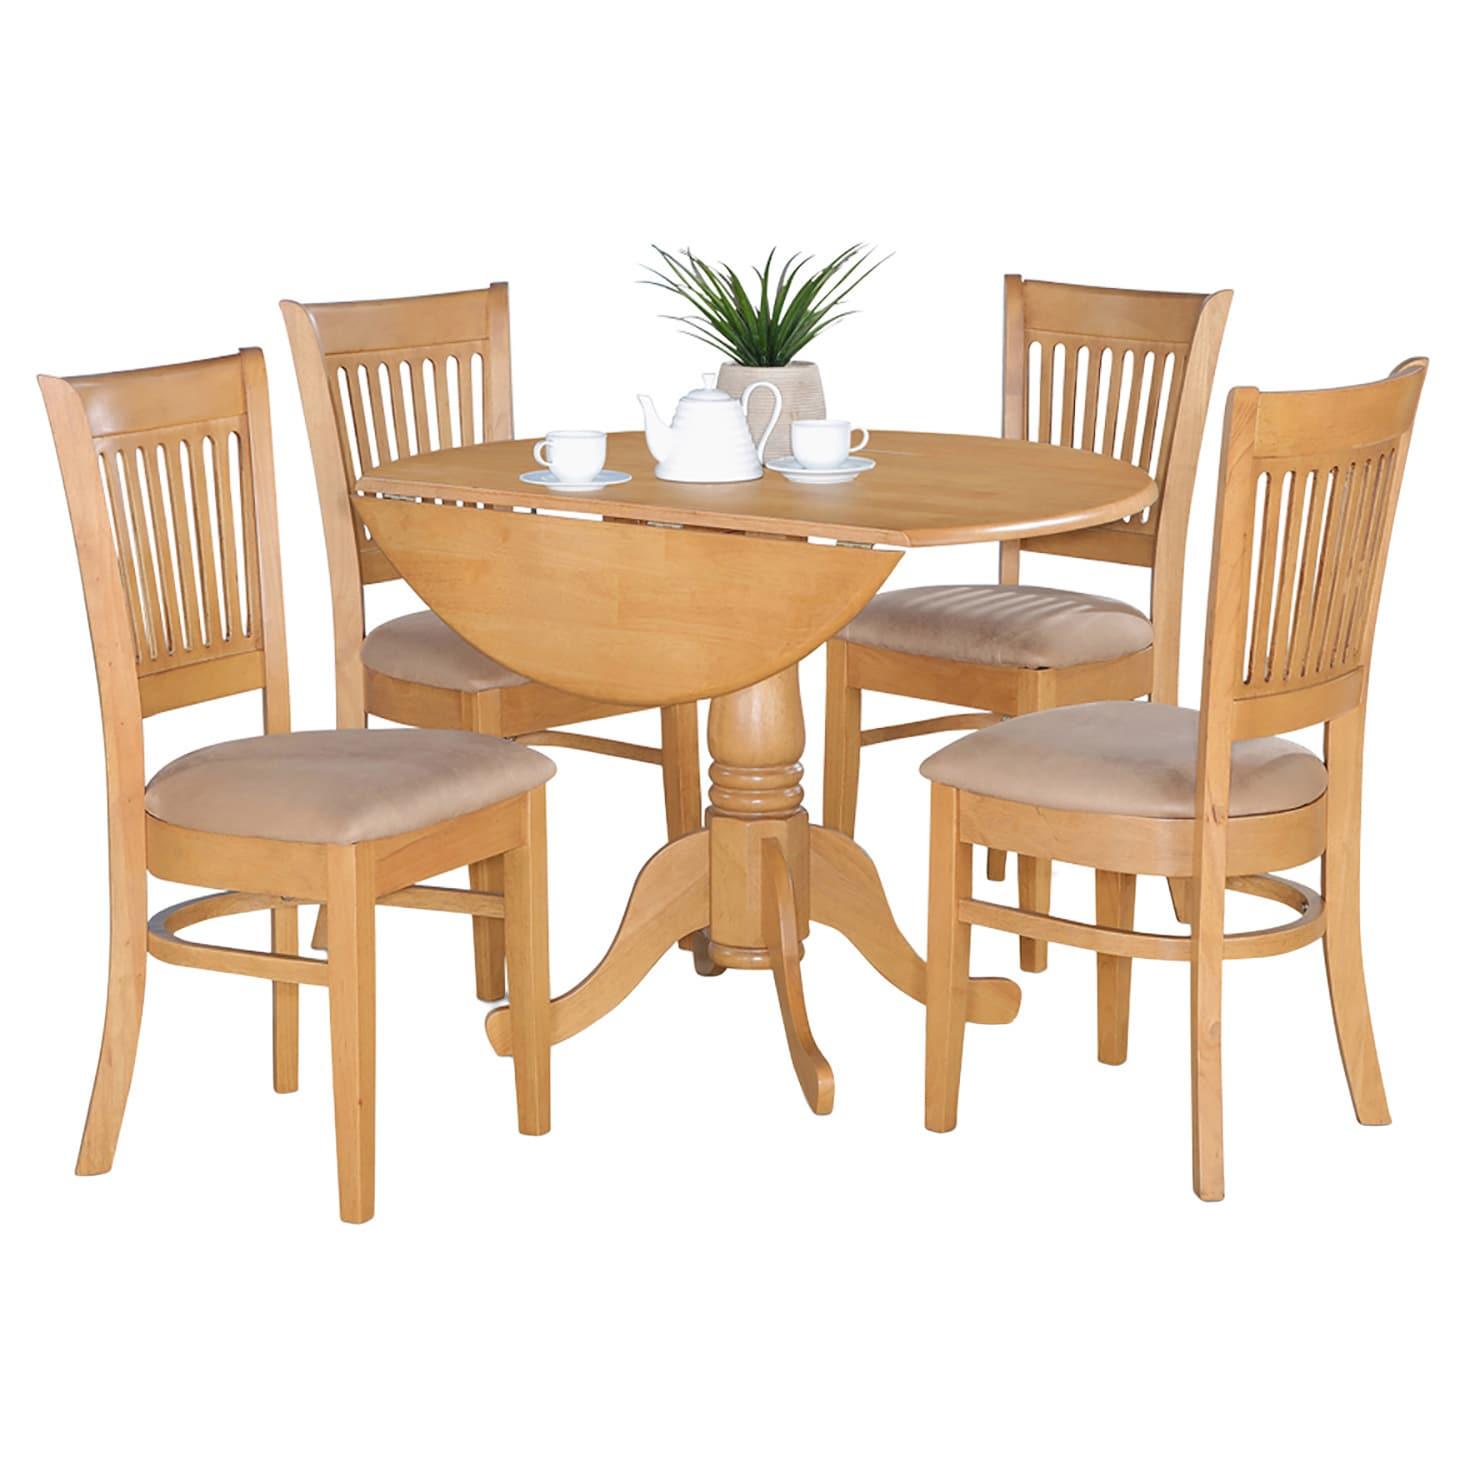 1cheap oak drop leaf table and 4 dinette affordable. Black Bedroom Furniture Sets. Home Design Ideas